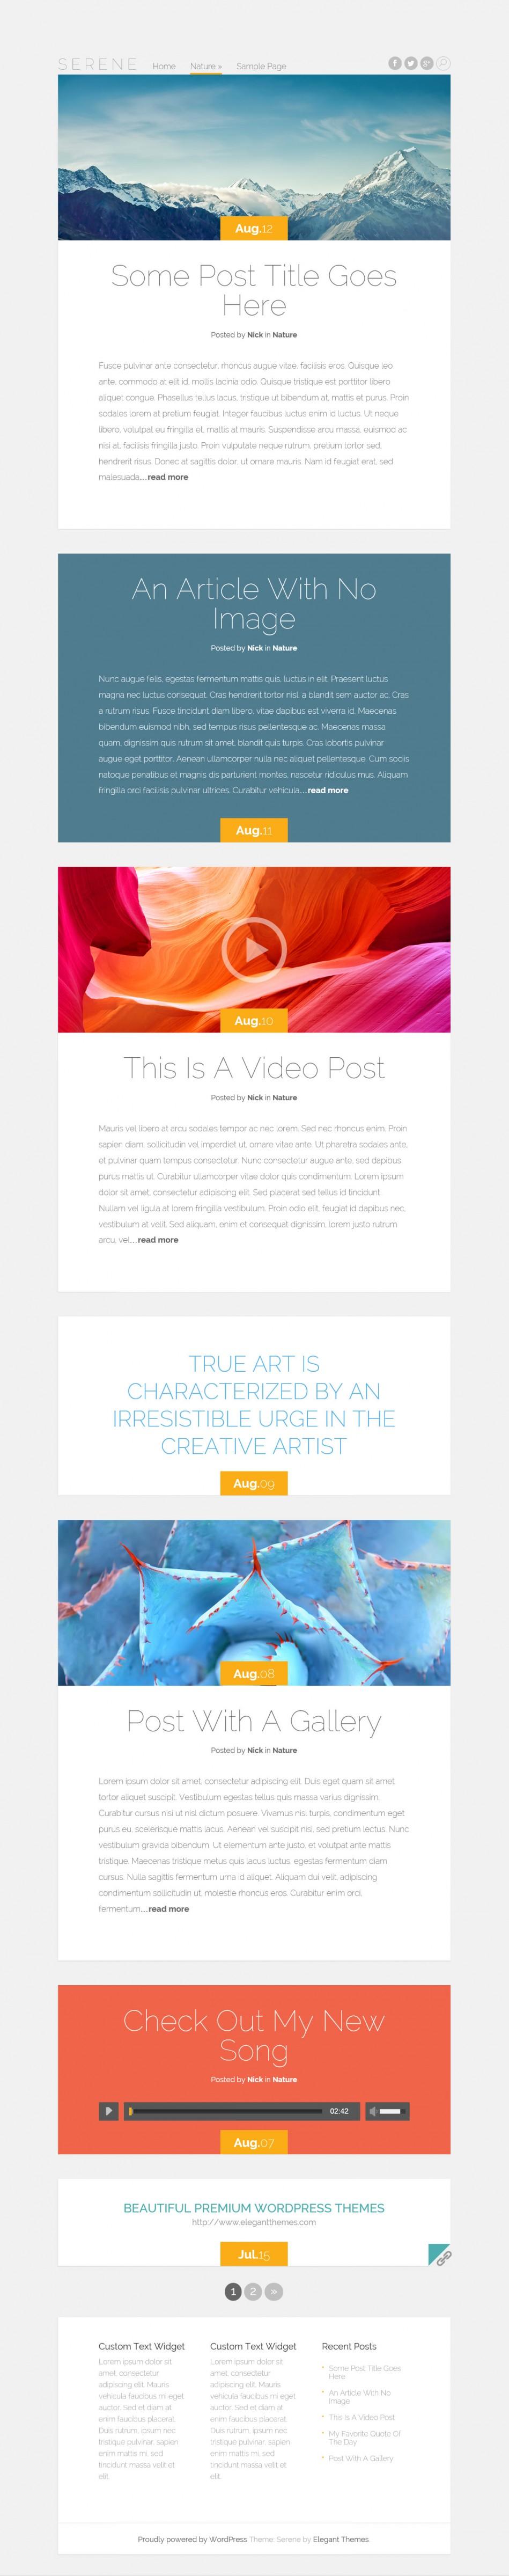 Serene - элегантная тема с адаптивным дизайном для личного блога | n-wp.ru